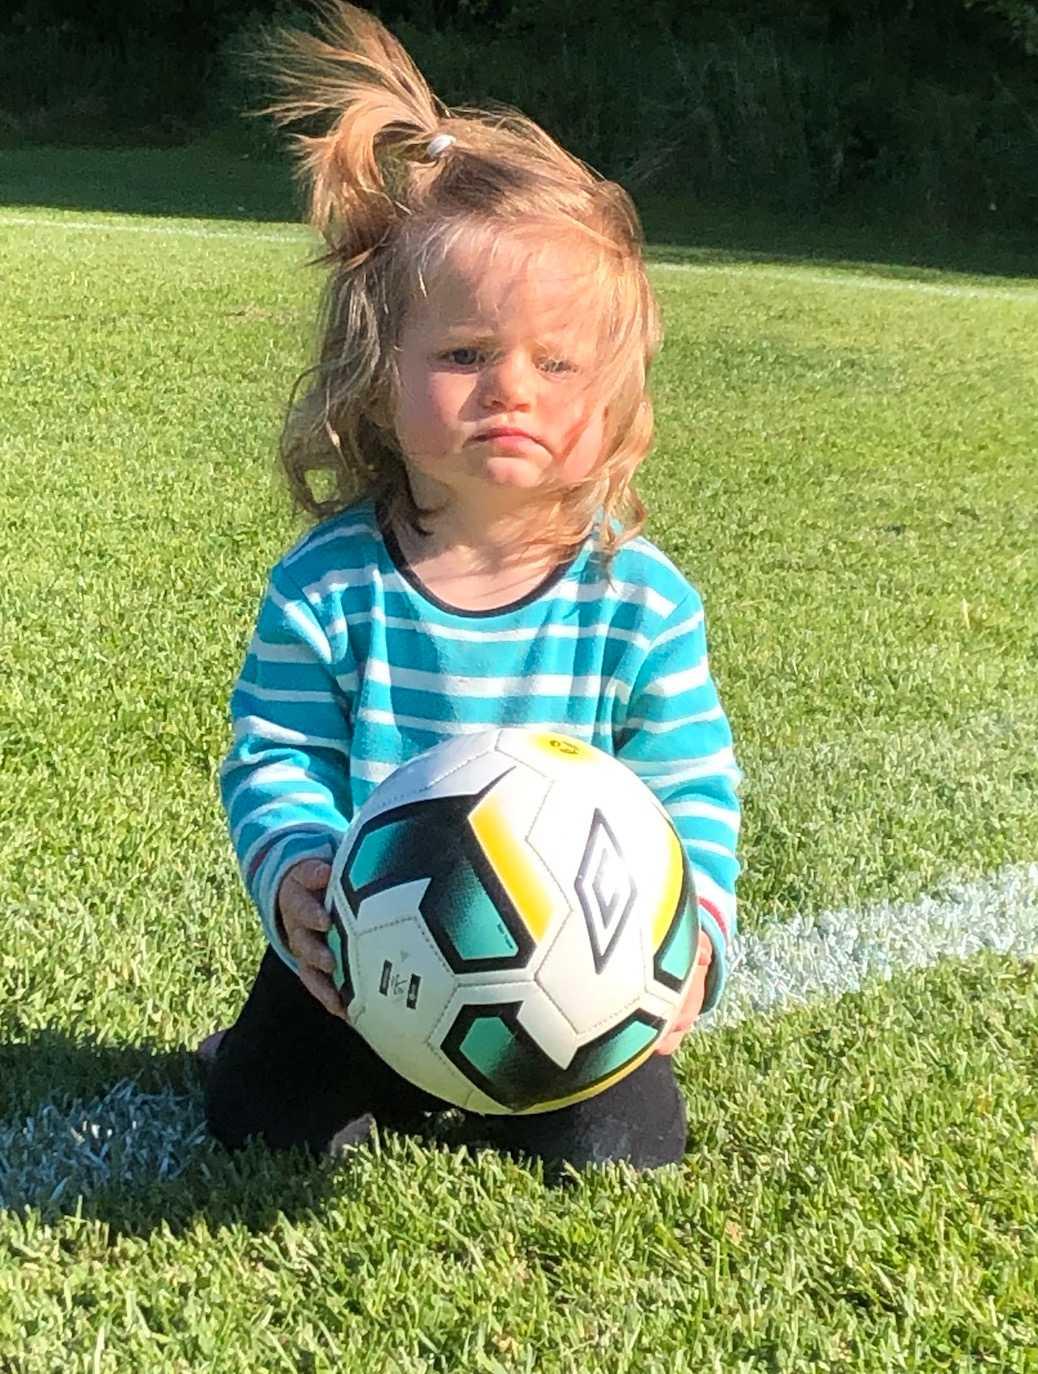 Elvina ett år med mycket hår, inskickad av mamman Stina Eriksson från Örebro.